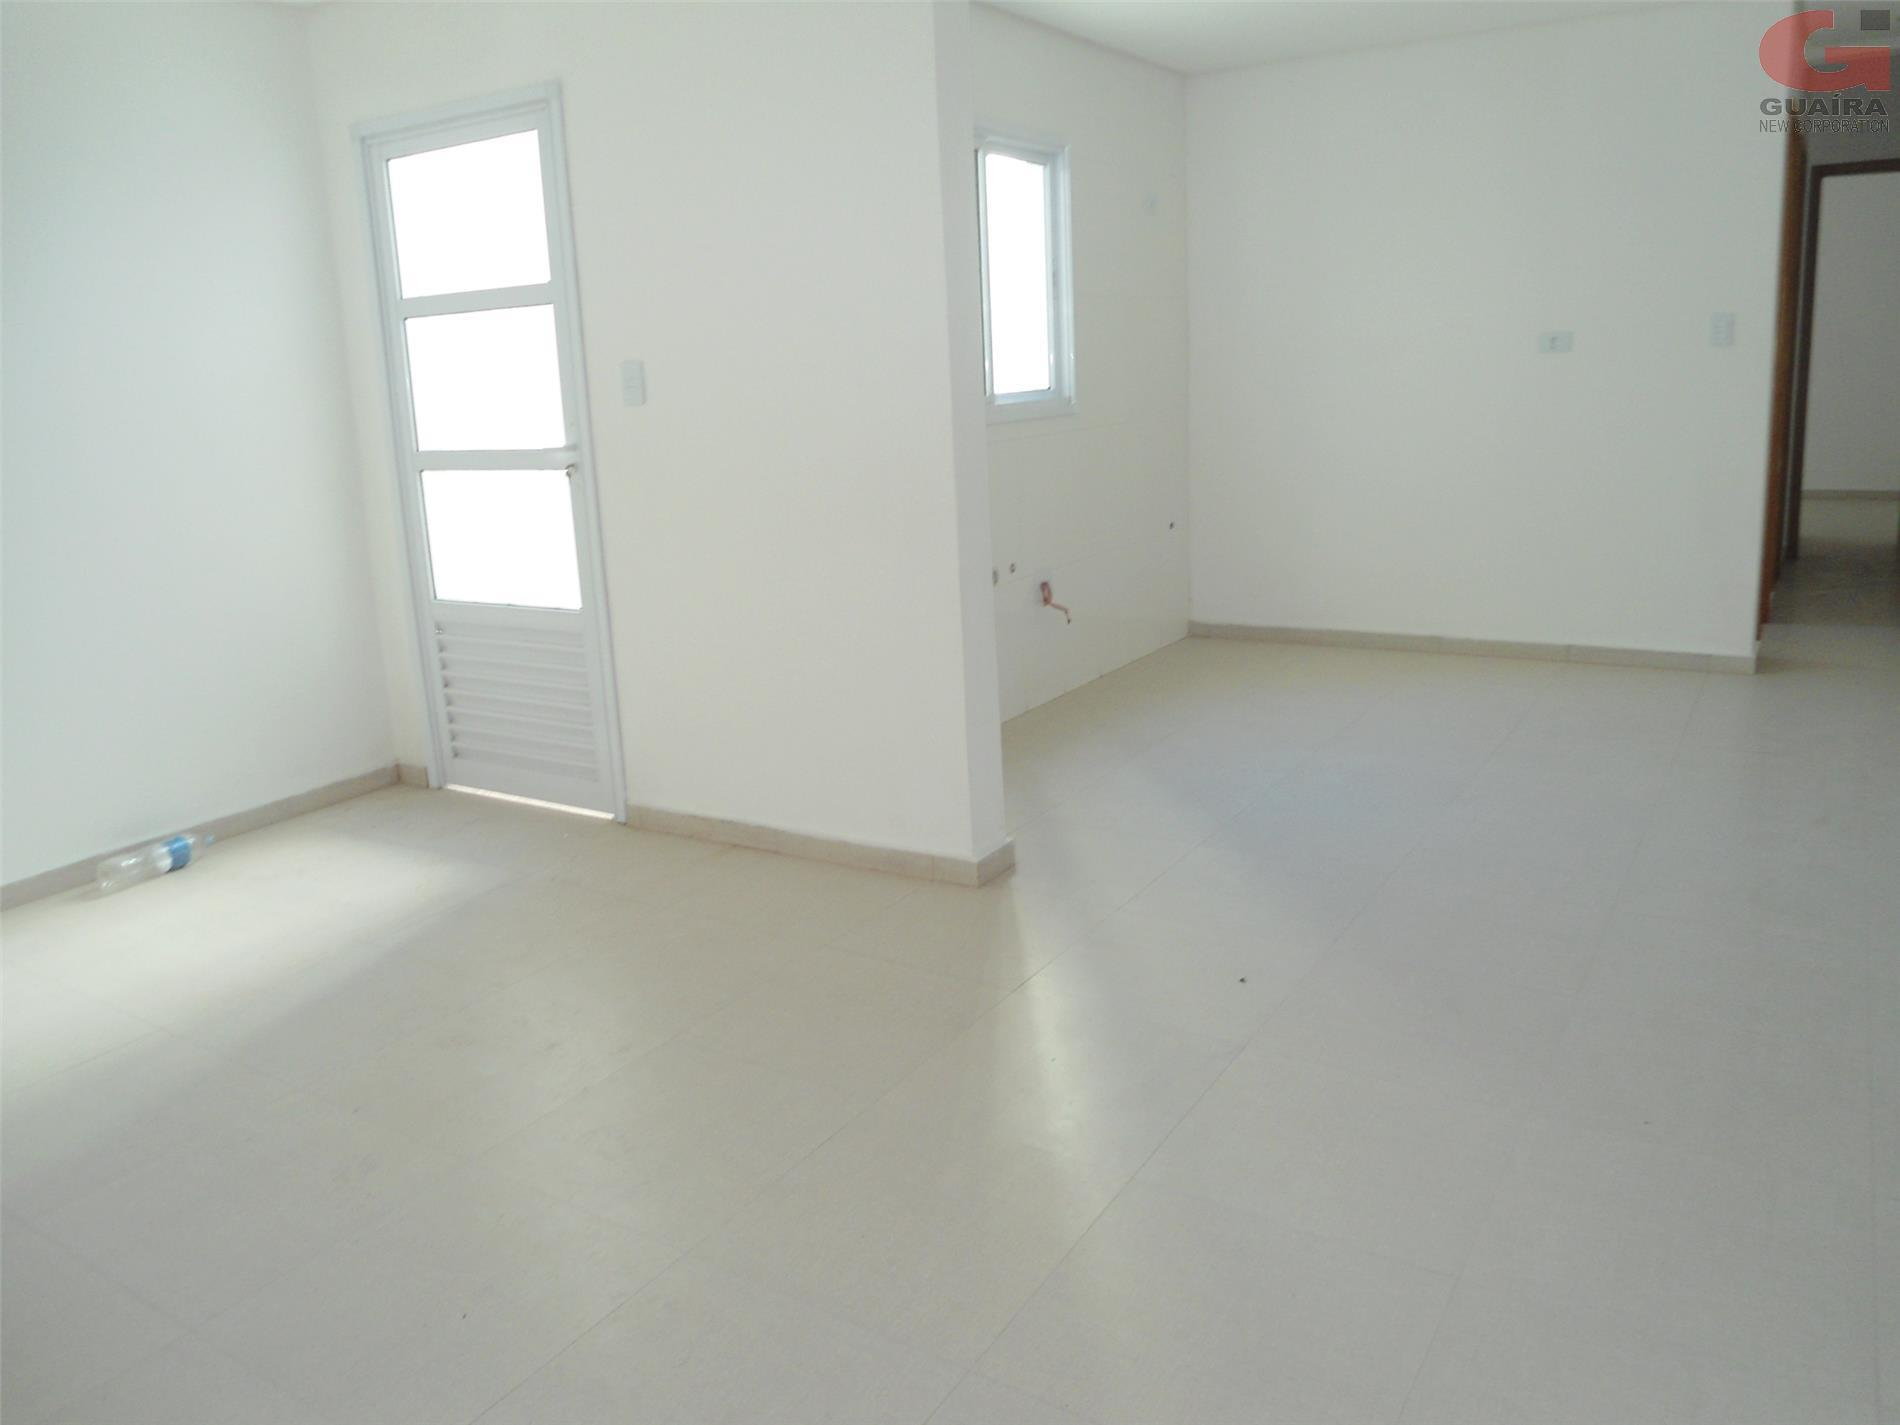 Apartamento de 1 dormitório à venda em Parque Oratório, Santo André - SP